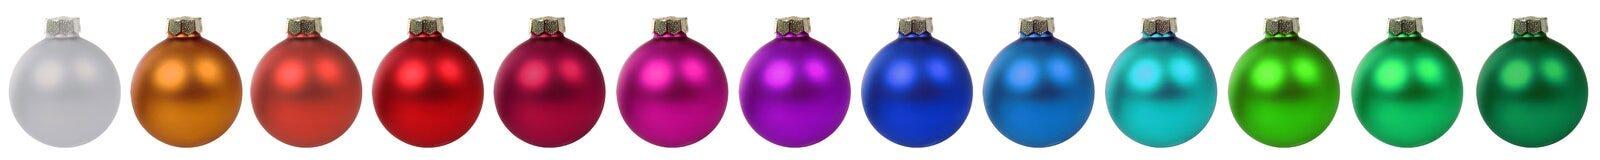 Färgrik isolator för gräns för garnering för julbollstruntsaker i rad royaltyfri bild